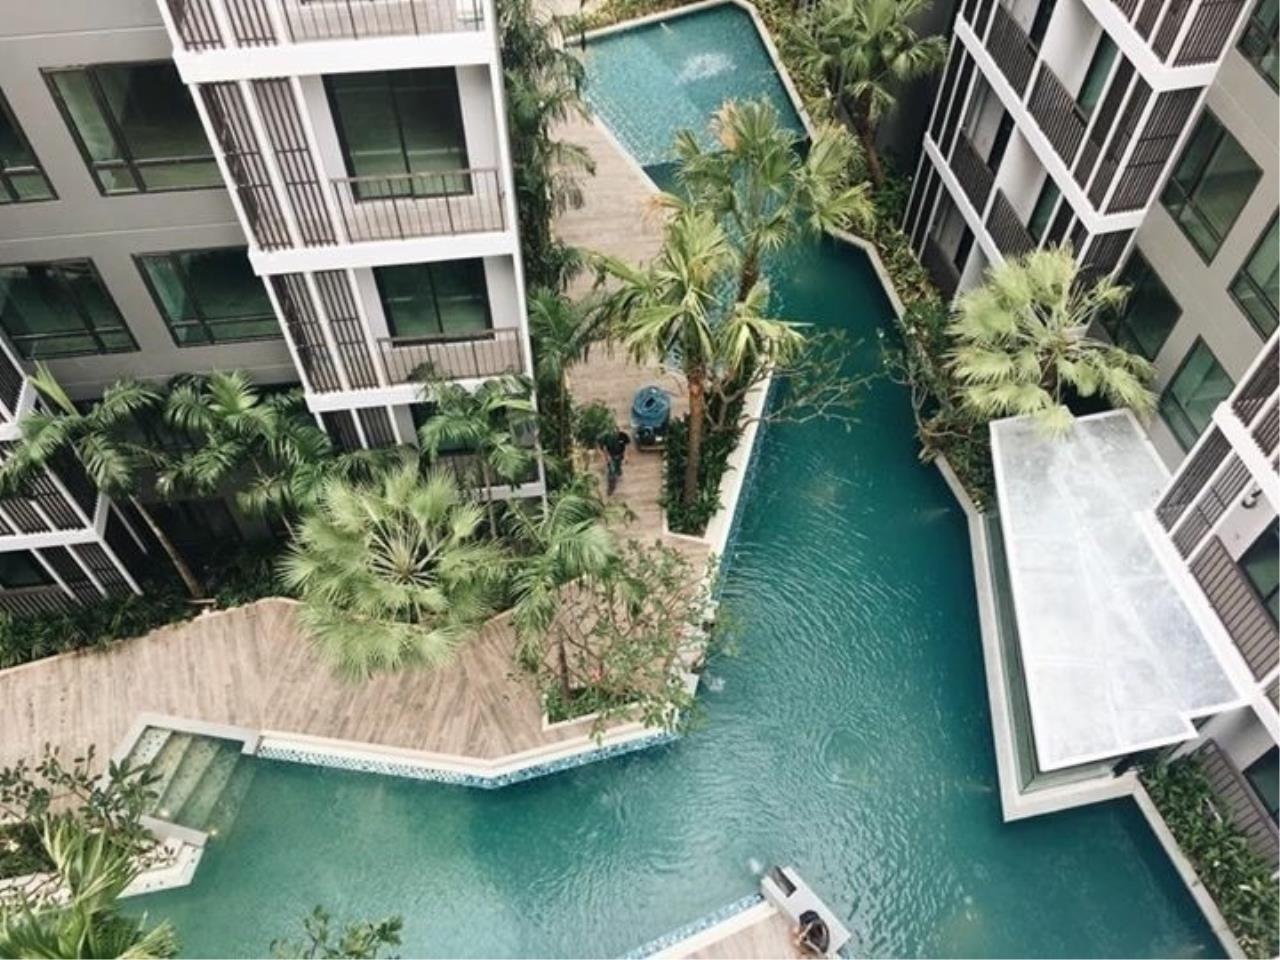 metro luxe riverfront condo bangkok 594109556d275e269600008d_full